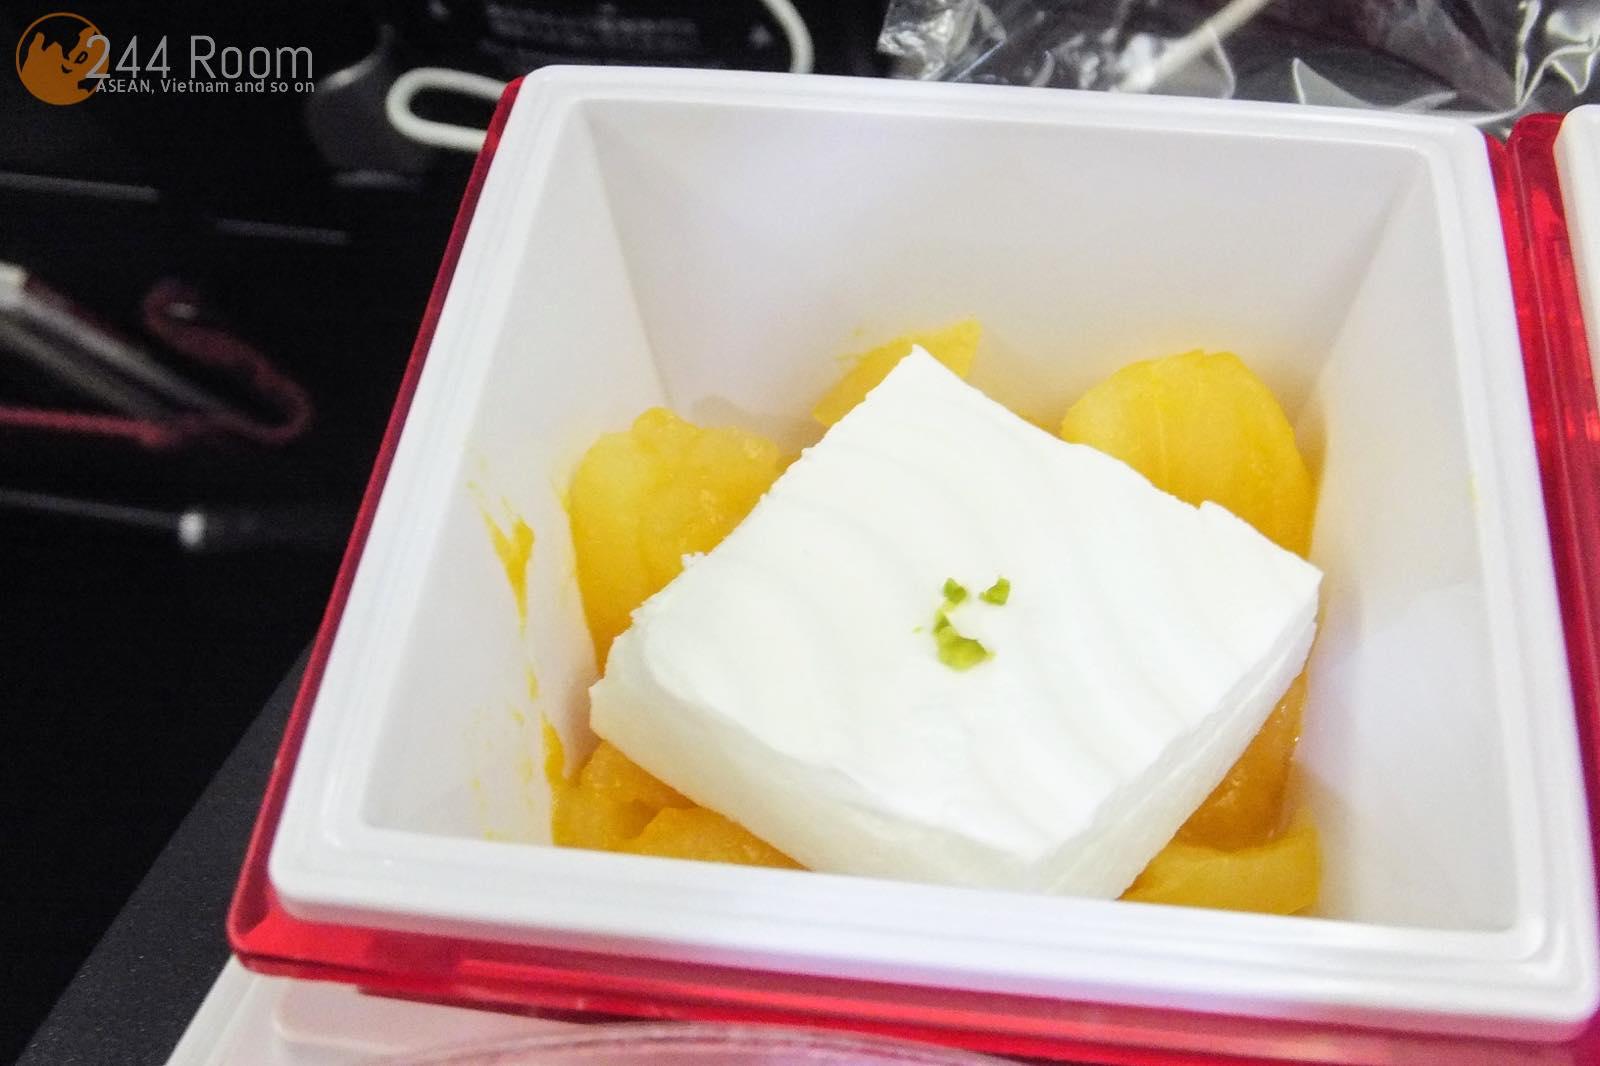 JAL U-35中華機内食 U-35 Flight meal5